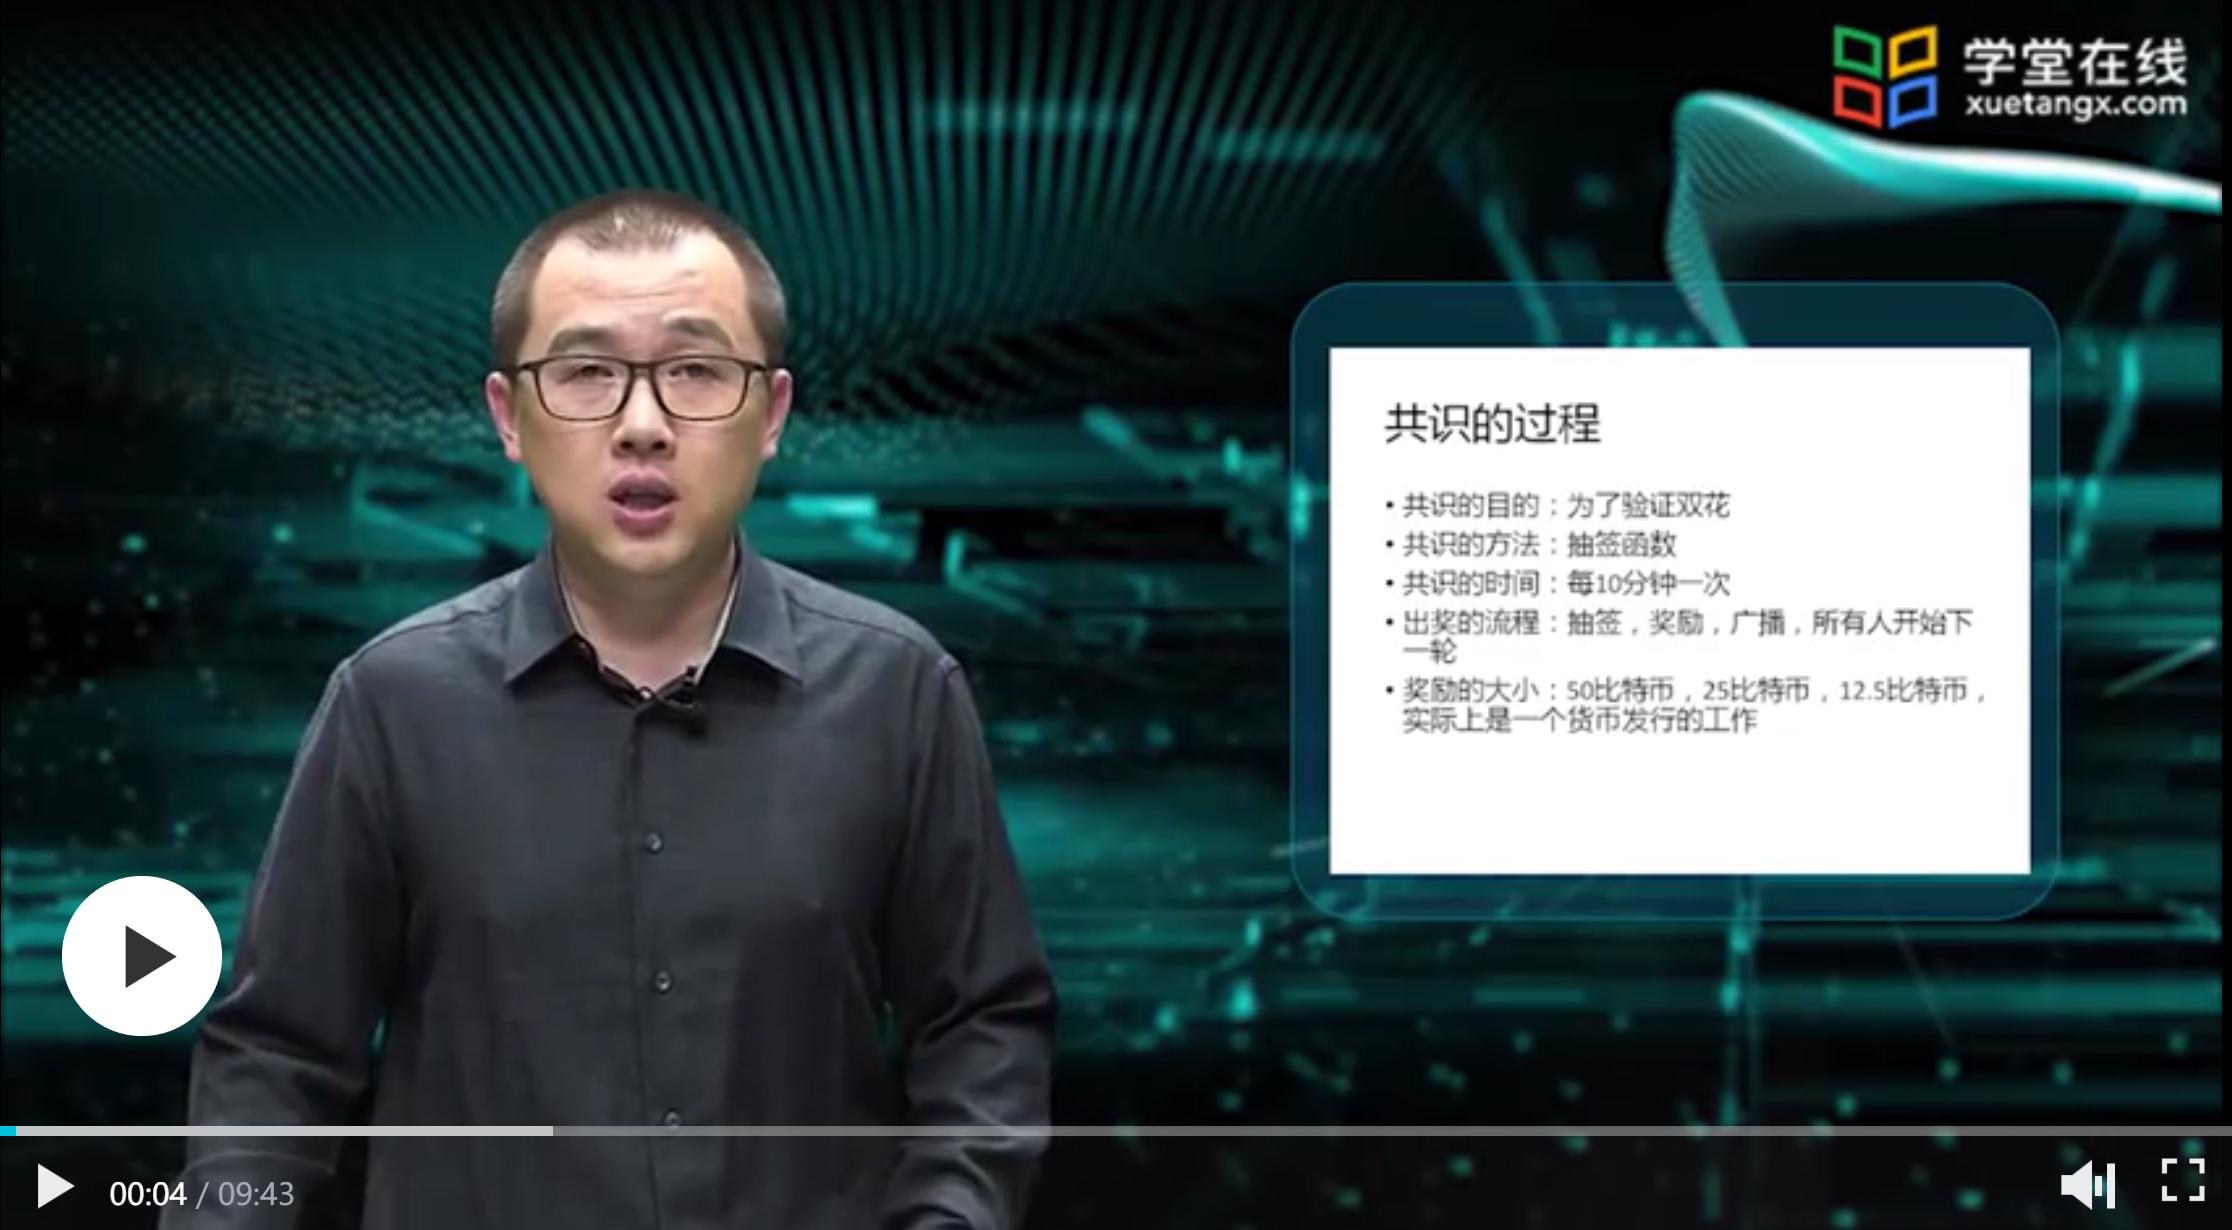 china now censors anti blockchain sentiment educa il pubblico su bitcoin bitcoin news 1 - La app cinese che educa alla Blockchain nasconde una insidia